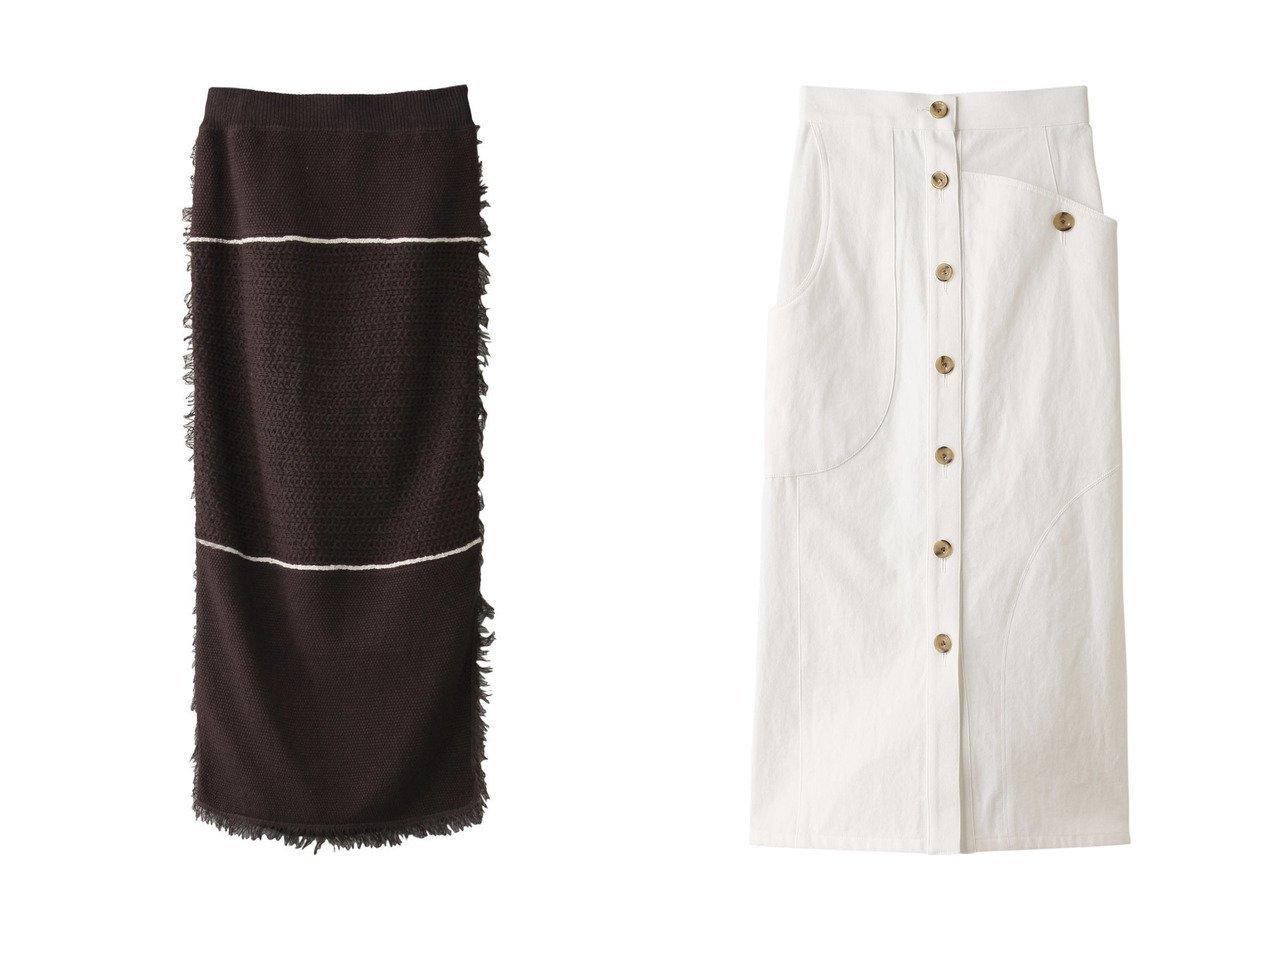 【ADAWAS/アダワス】のコットンシルクフリンジタイトスカート&【AKIRANAKA/アキラナカ】のイレギュラーポケットホワイトデニムスカート スカートのおすすめ!人気、トレンド・レディースファッションの通販 おすすめで人気の流行・トレンド、ファッションの通販商品 メンズファッション・キッズファッション・インテリア・家具・レディースファッション・服の通販 founy(ファニー) https://founy.com/ ファッション Fashion レディースファッション WOMEN スカート Skirt ロングスカート Long Skirt デニムスカート Denim Skirts 2021年 2021 2021 春夏 S/S SS Spring/Summer 2021 S/S 春夏 SS Spring/Summer スリット セットアップ タイトスカート タンク フィット フリンジ ボーダー ロング 春 Spring |ID:crp329100000012917